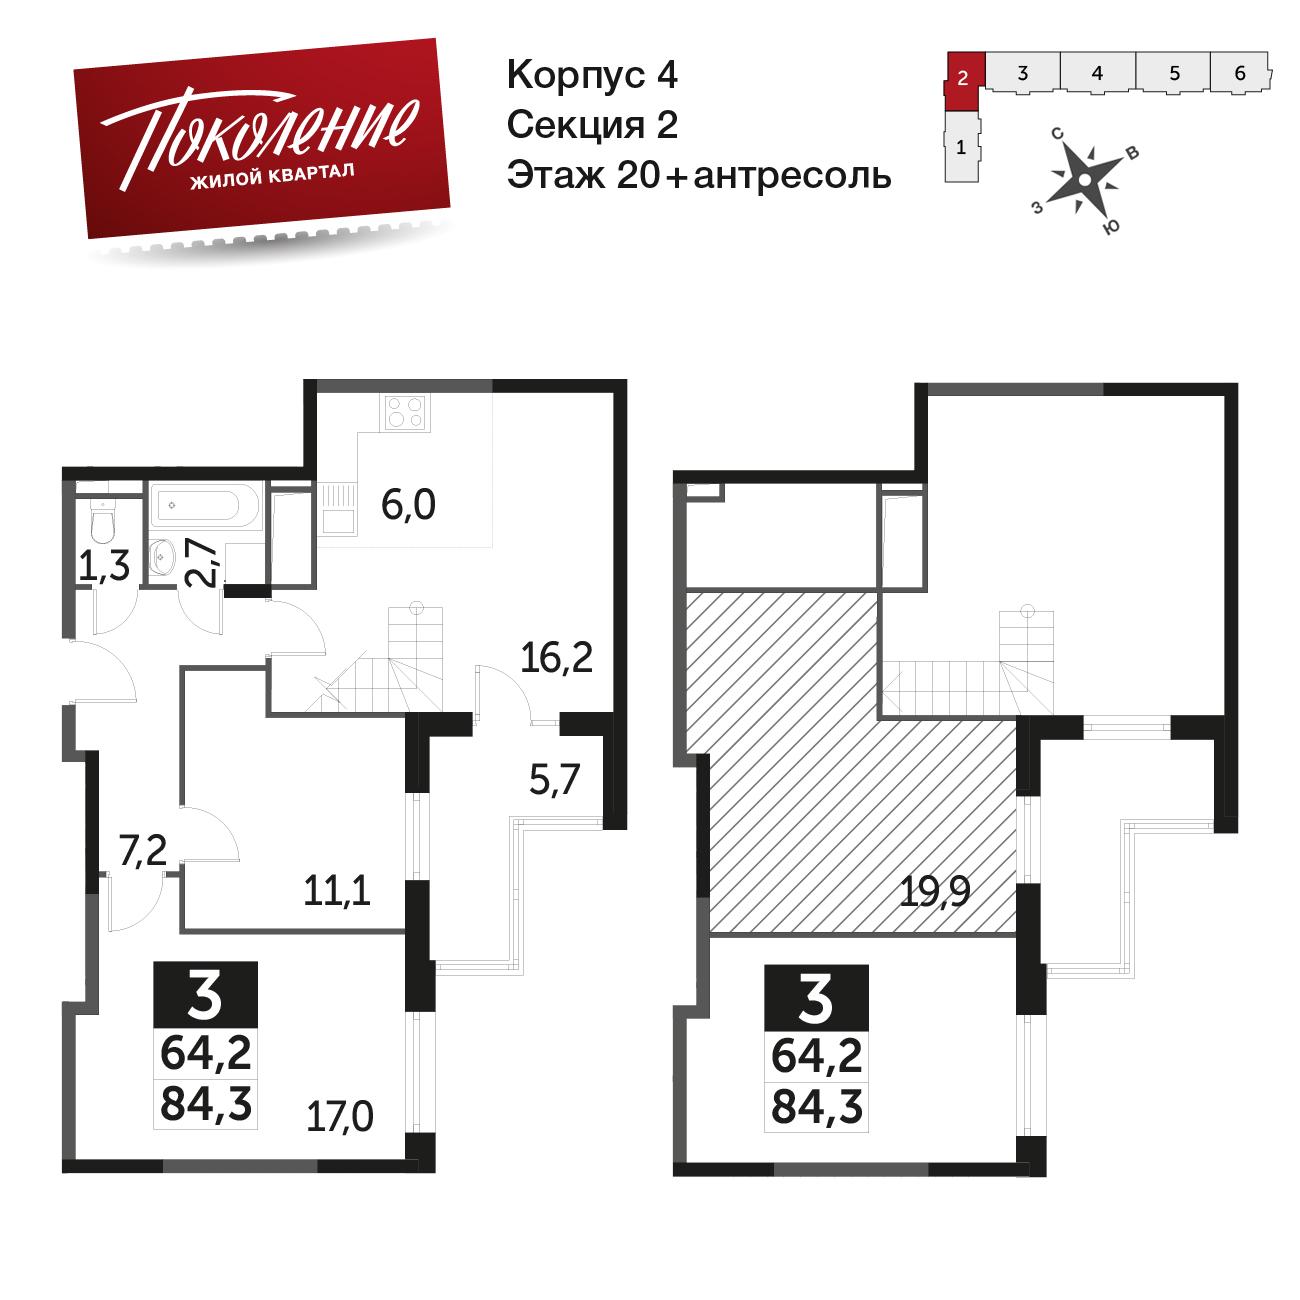 3-комнатная квартира, 84.3м² за 16,8 млн руб.